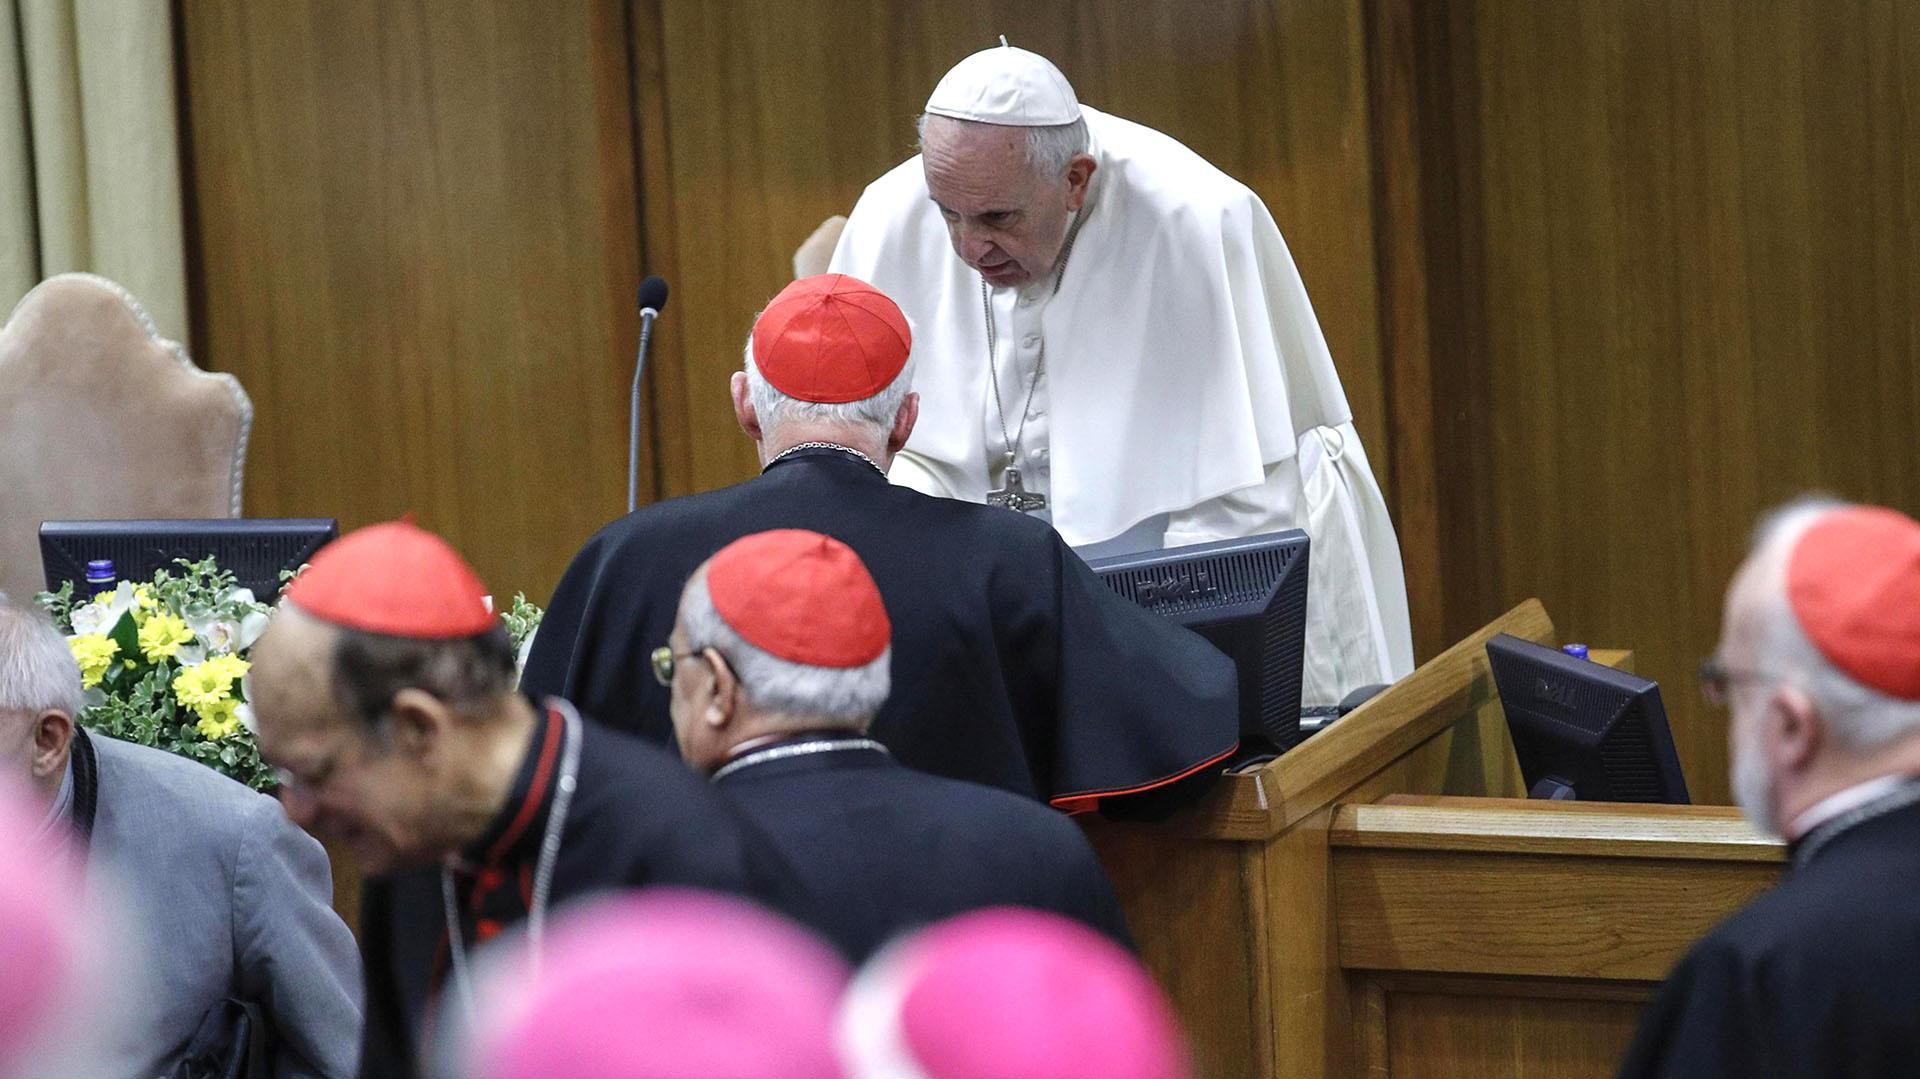 El papa Francisco lideró las reuniones(GIUSEPPE LAMI / POOL / AFP)